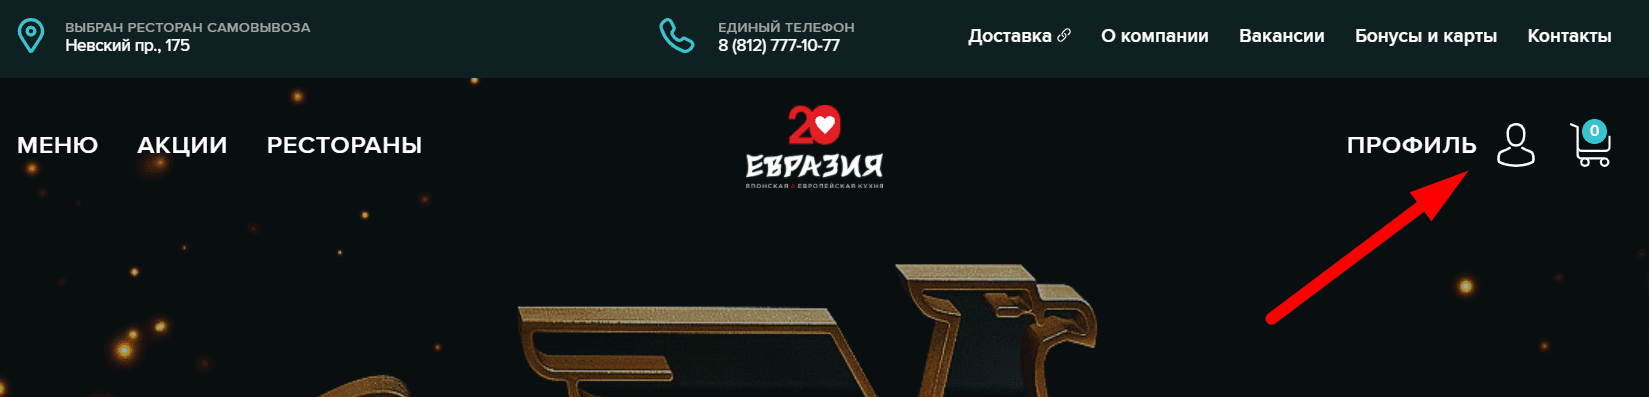 Официальный сайт сети ресторанов «Евразия»